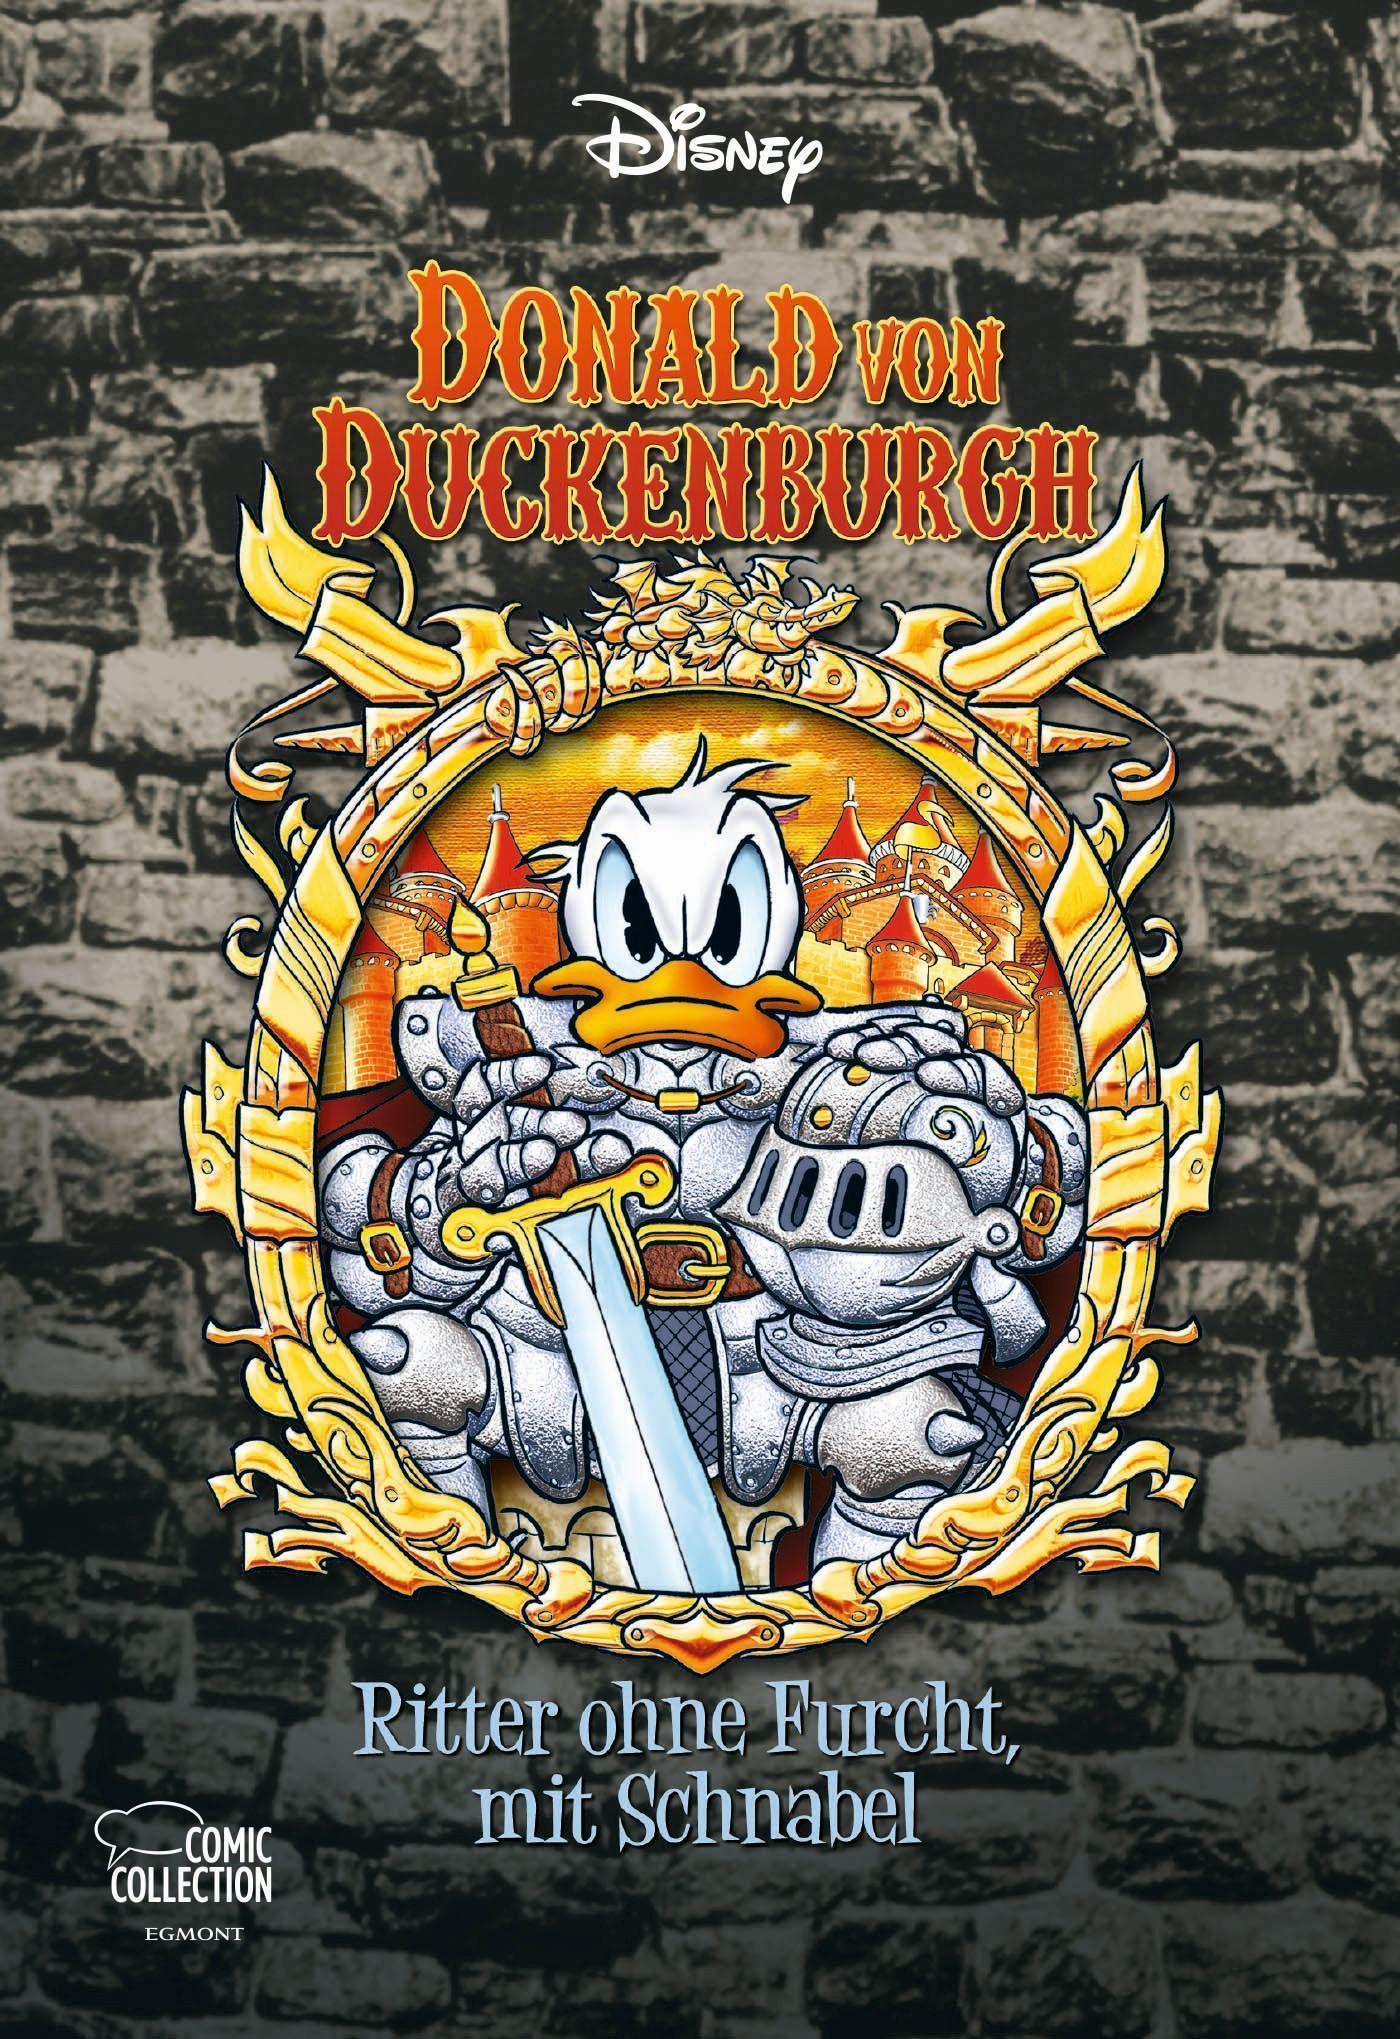 Donald von Duckenburgh Ritter ohne Furcht, mit Schnabel Disney Enthologien Bd.40